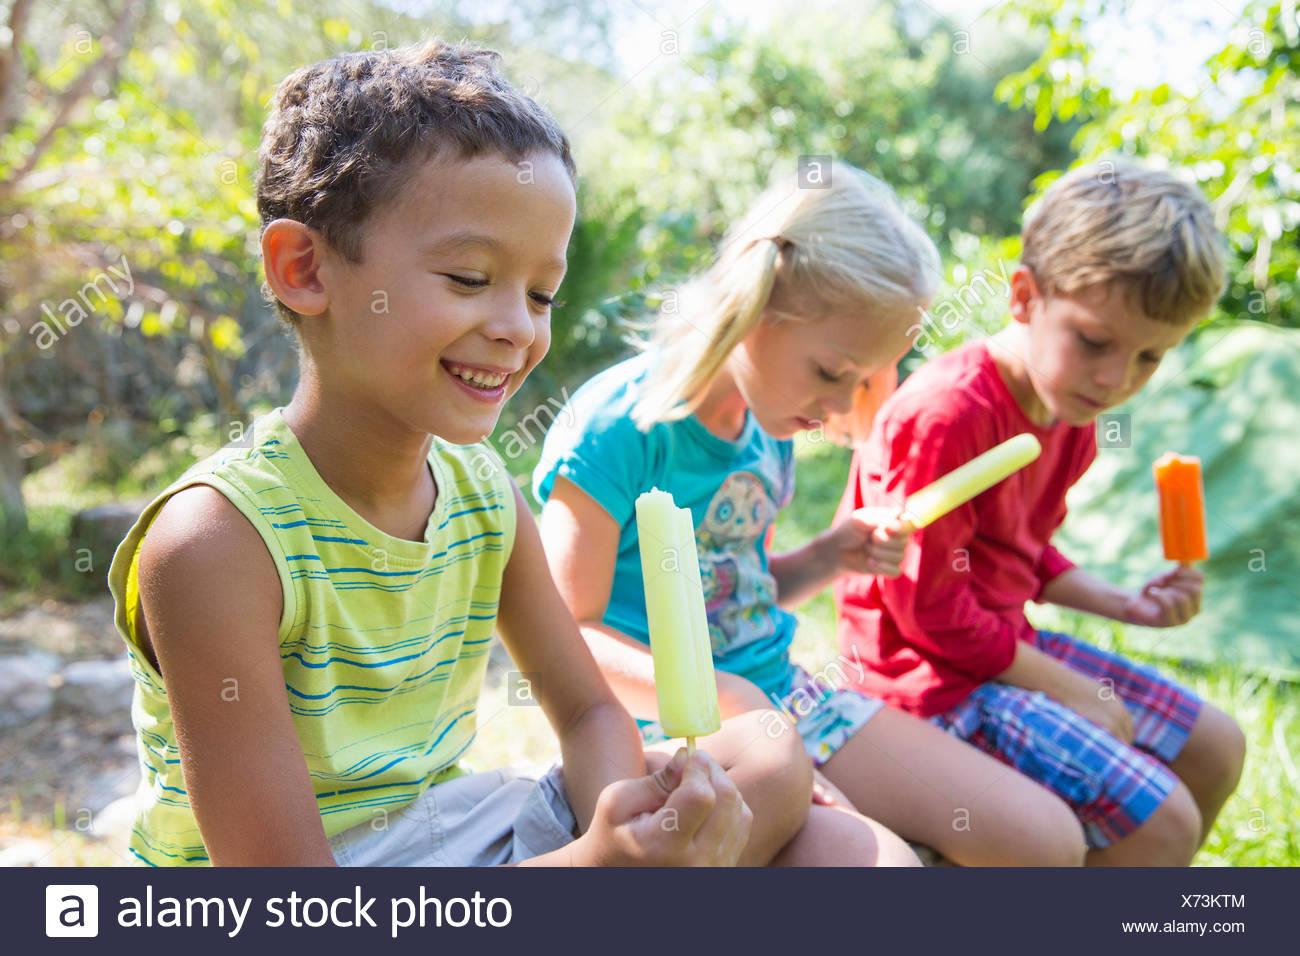 Tre bambini in giardino a mangiare ghiaccioli Immagini Stock